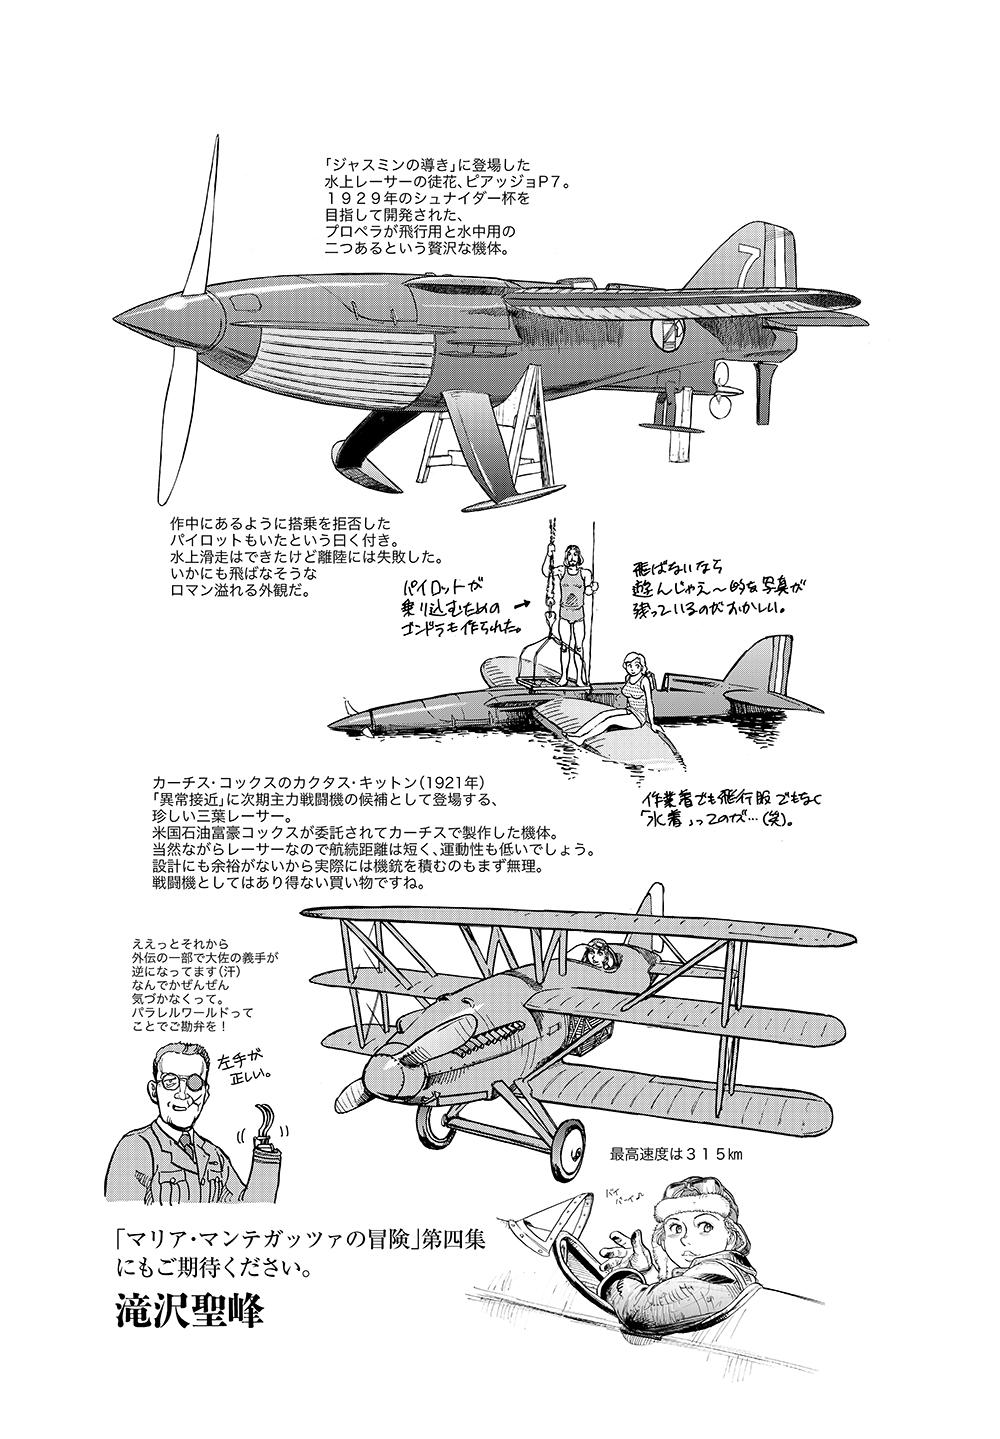 女流飛行士マリア・マンテガッツァの冒険 第十九話27ページ目画像